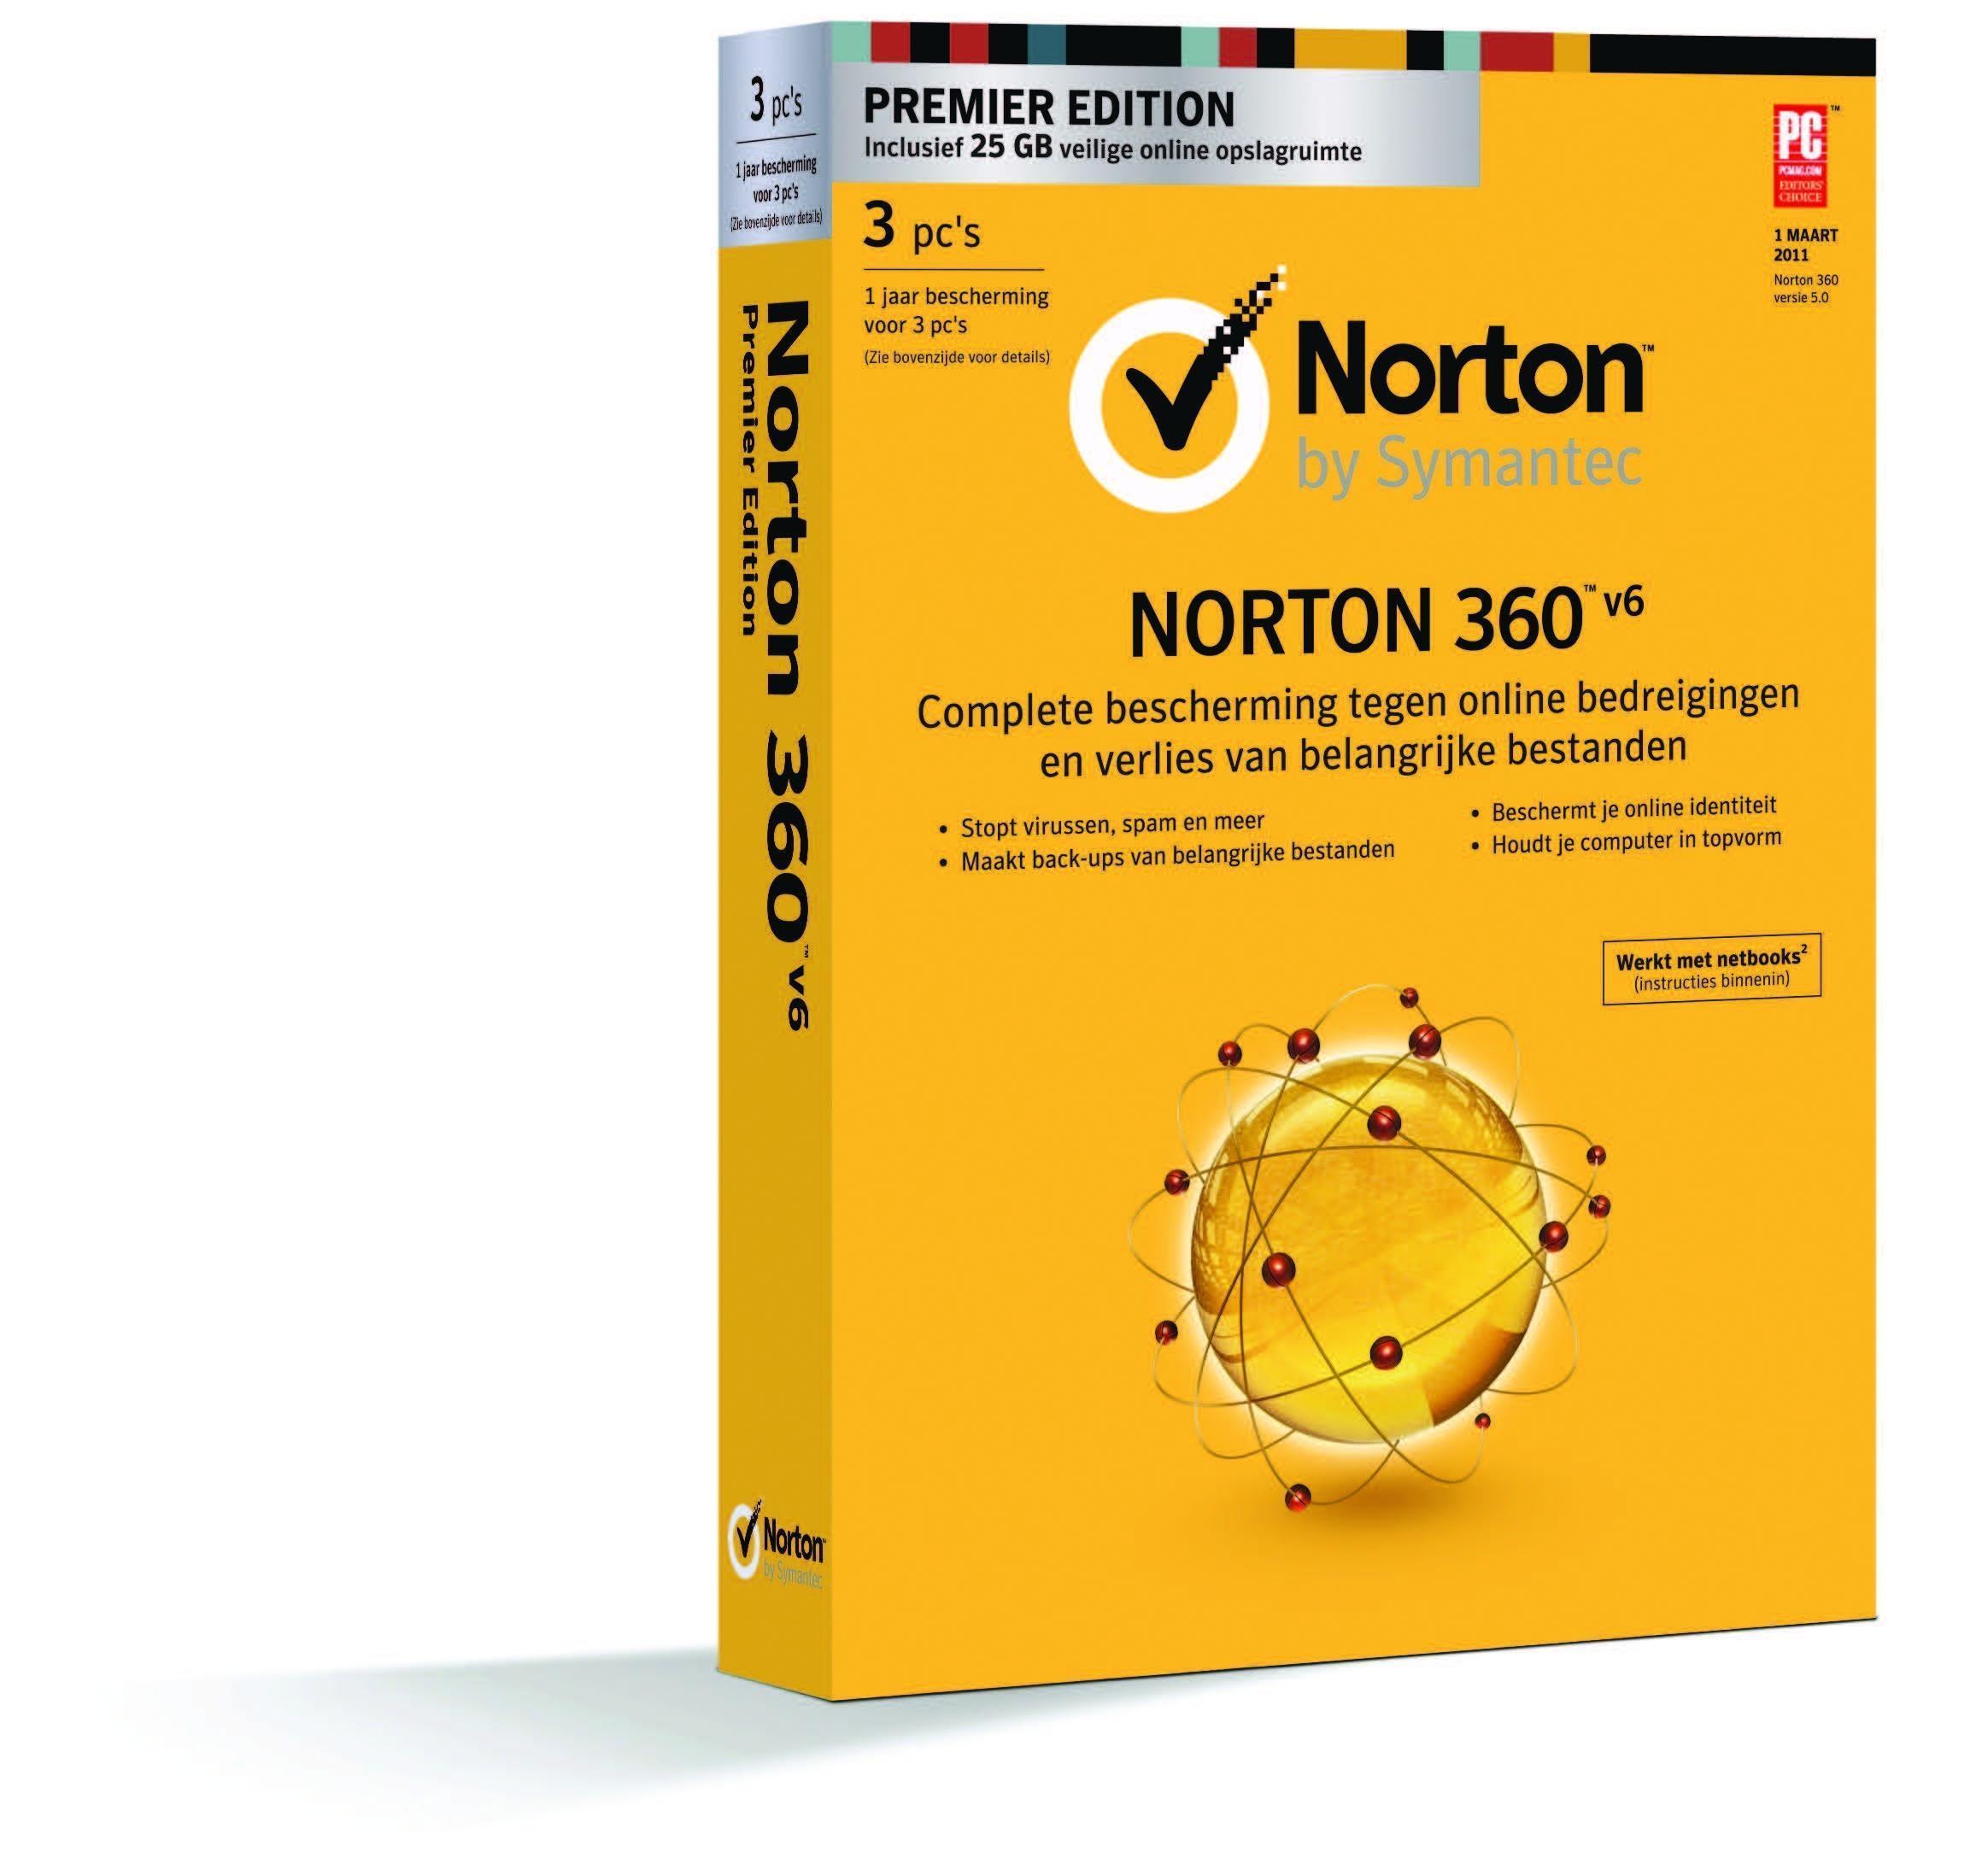 Norton 360 2013 Premier Edition Upgrade BNL - Specificaties - Tweakers